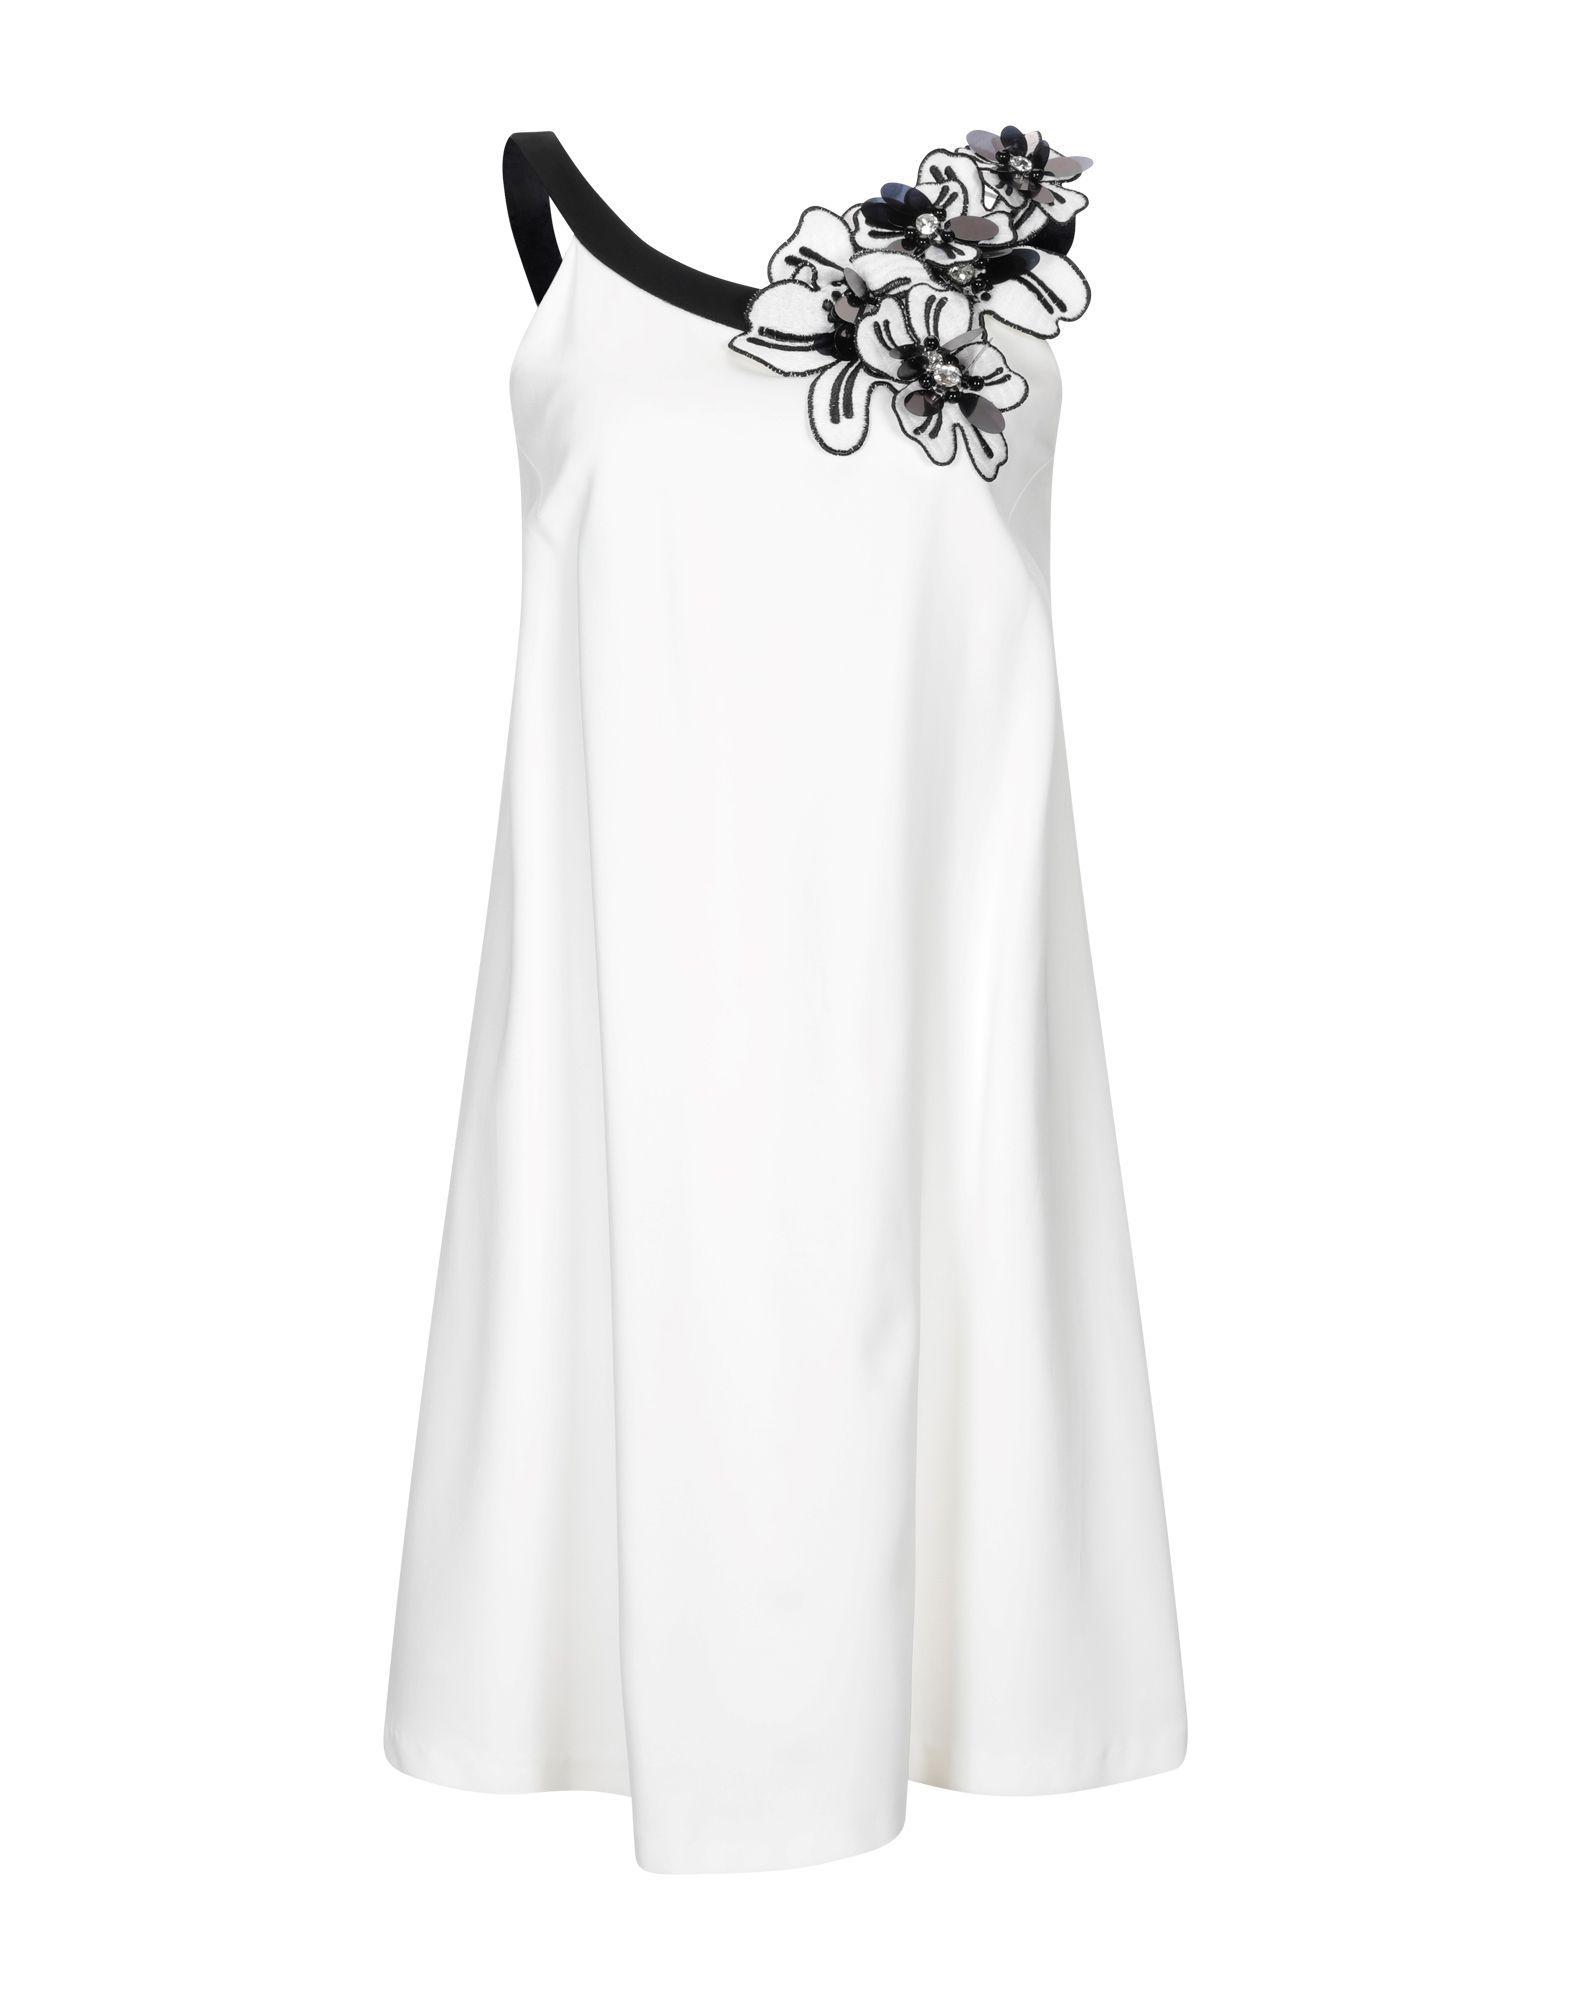 Maria Grazia Severi White Sleeveless Dress